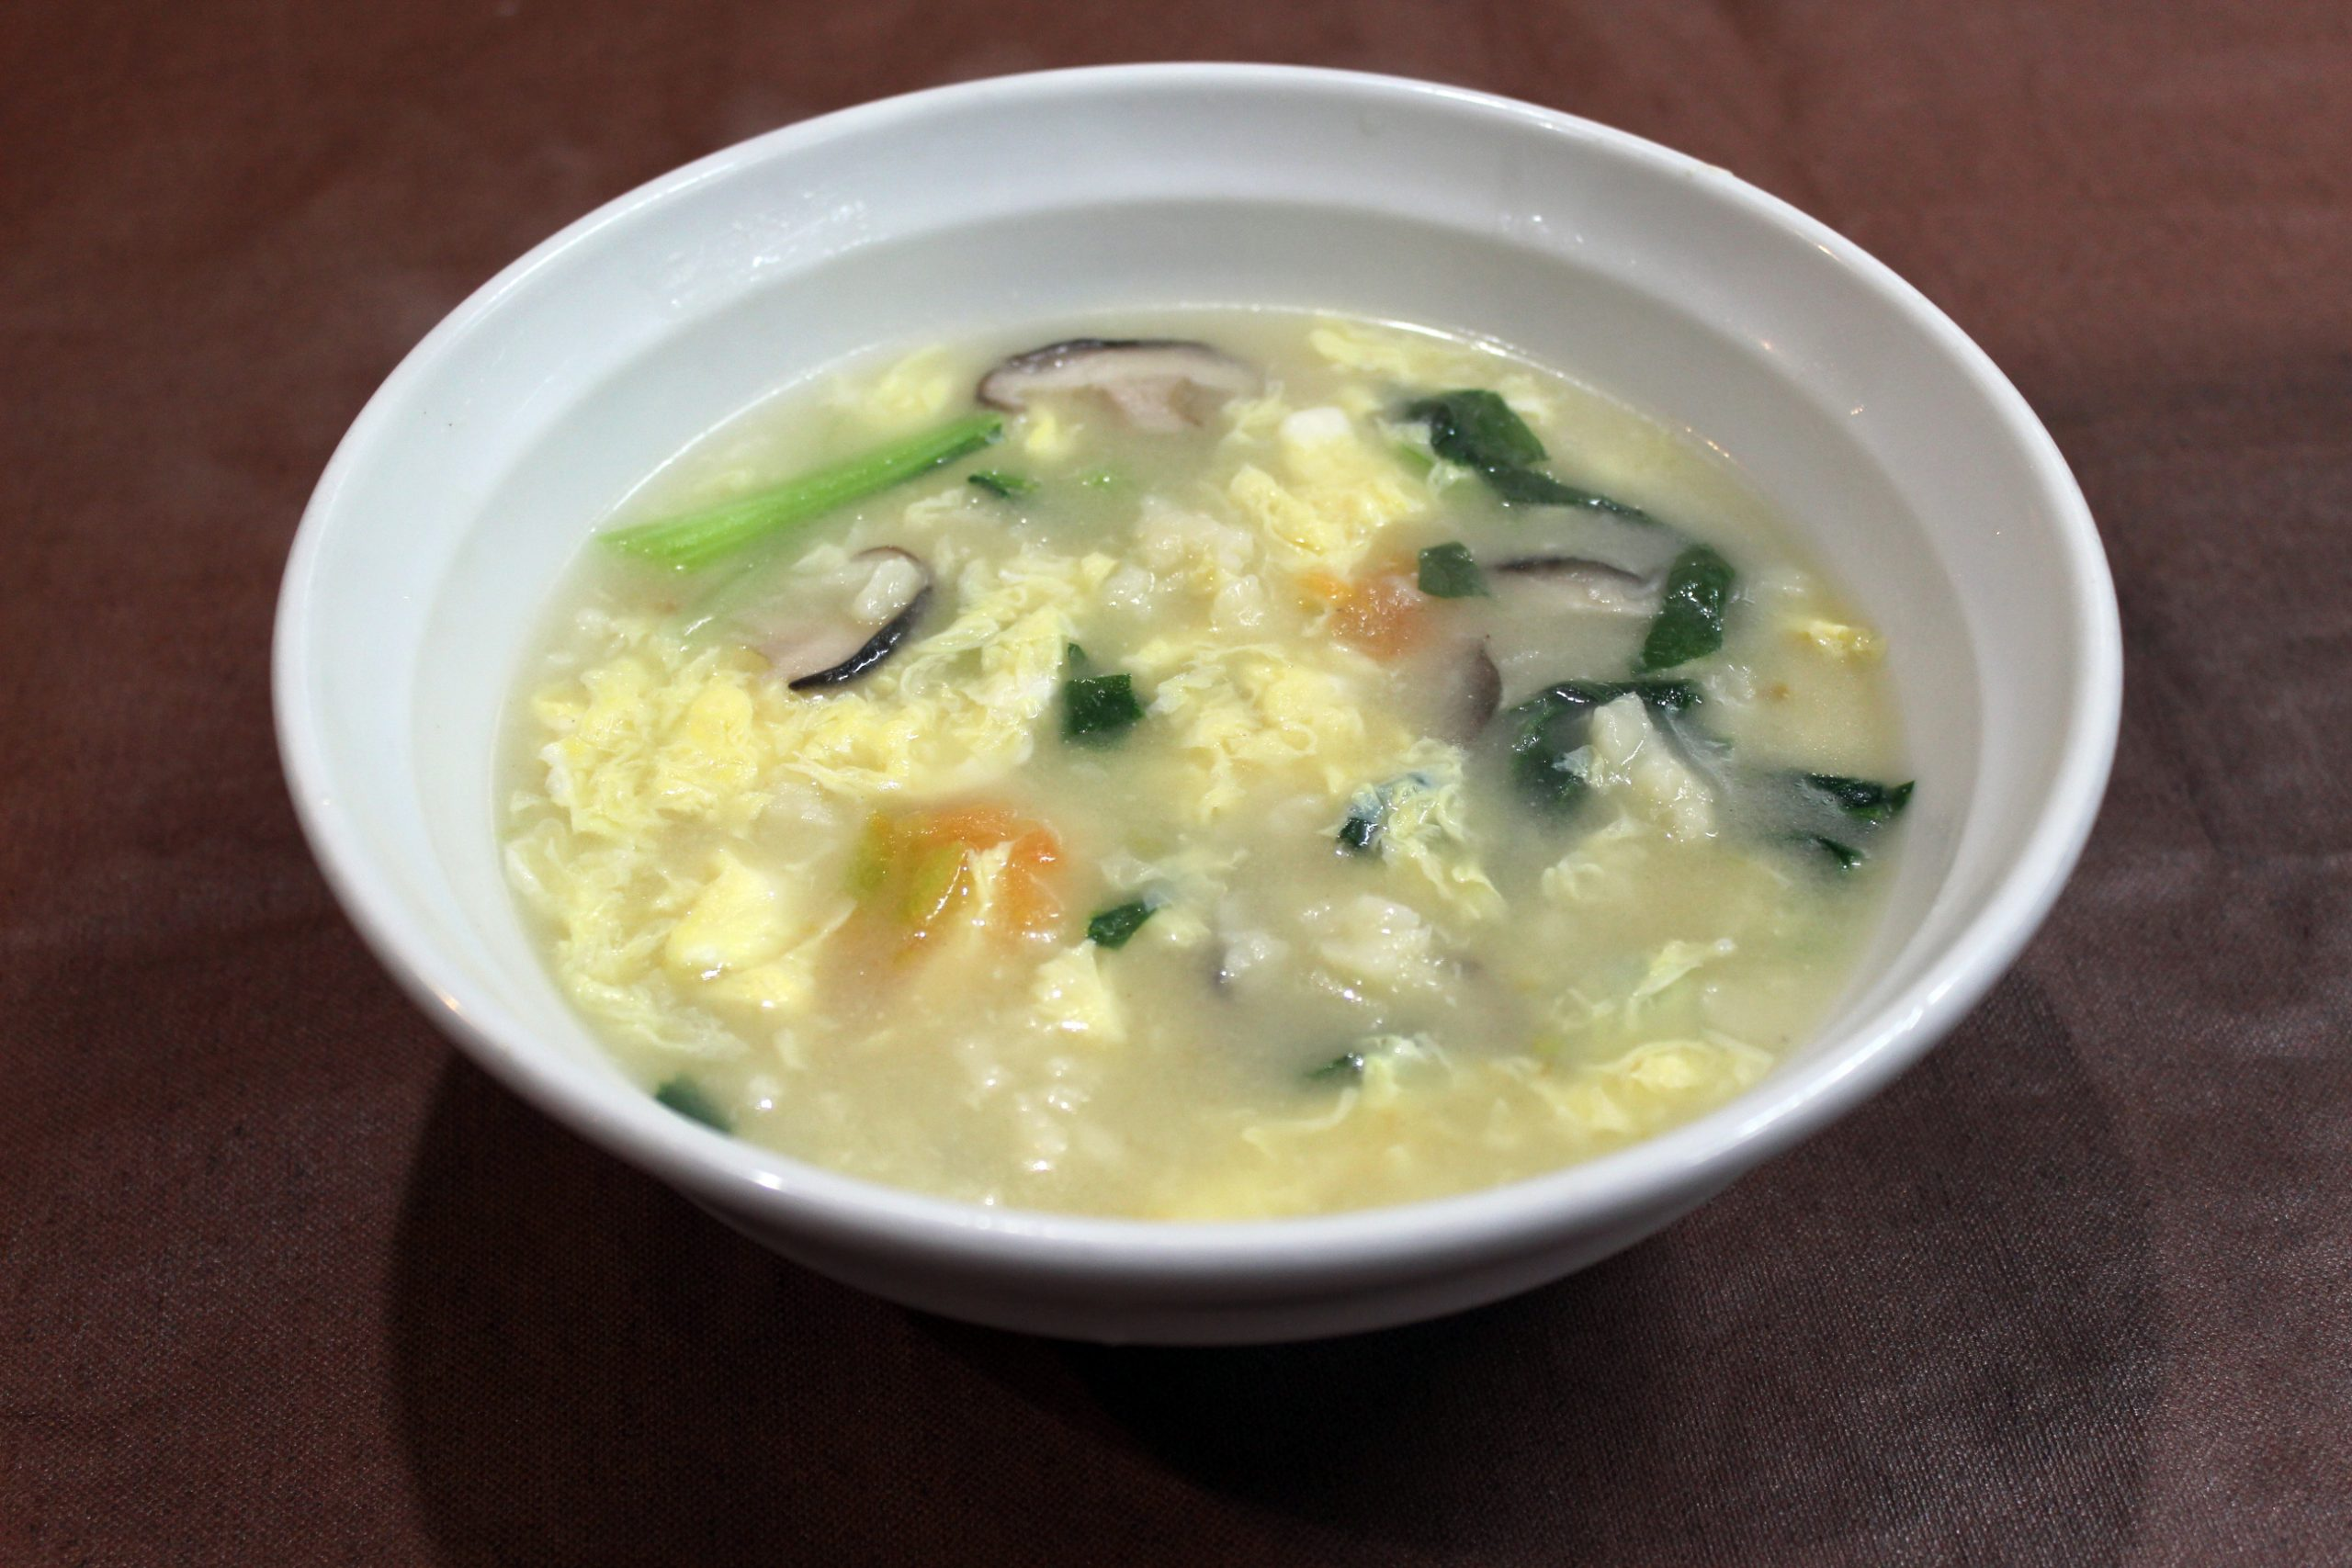 【疙瘩湯】小麦粉の団子と野菜のスープ